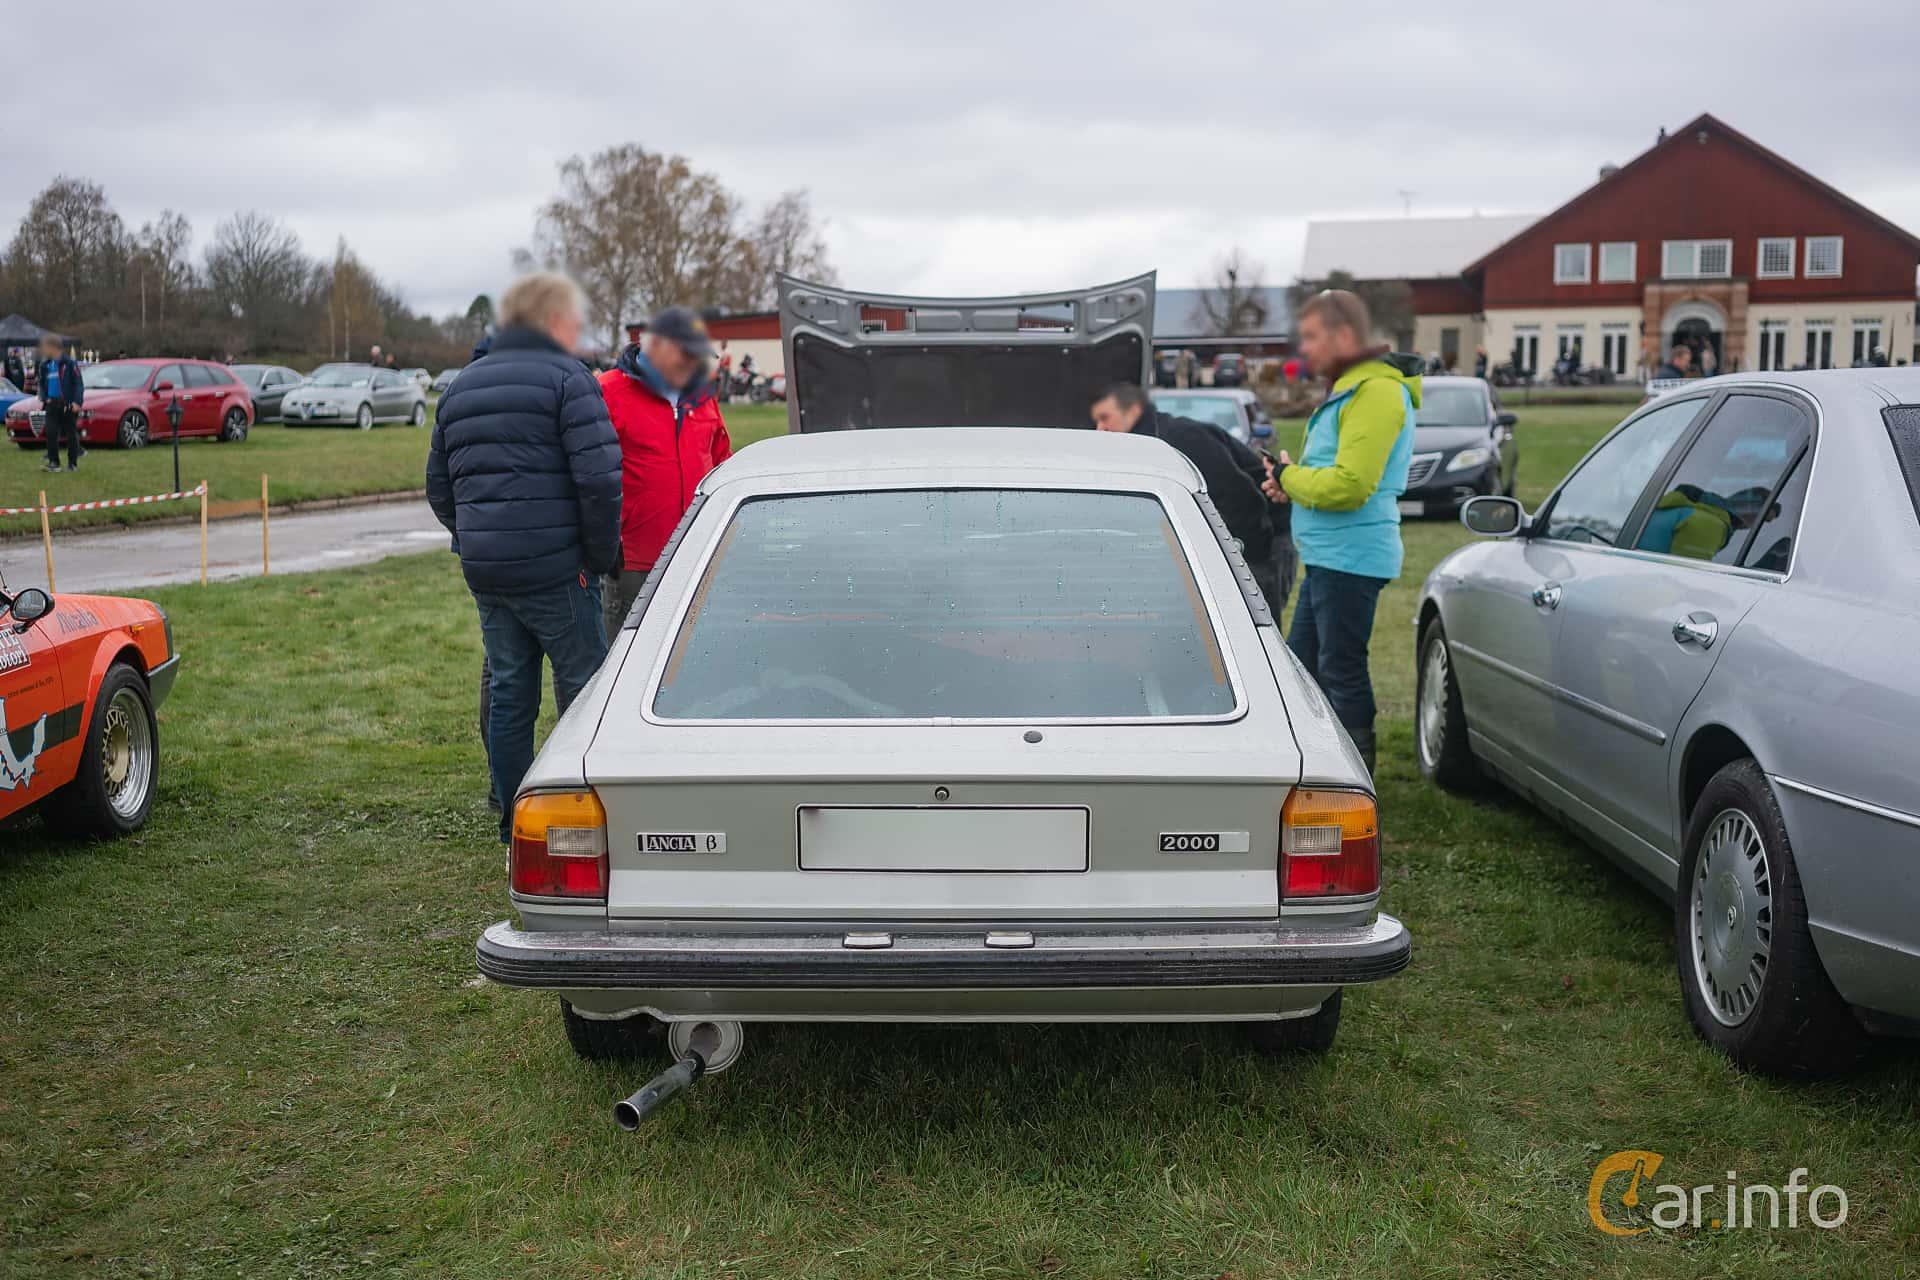 https://s.car.info/image_files/1920/lancia-beta-hpe-back-italienska-fordonstraffen-skokloster-2018-1-531916.jpg